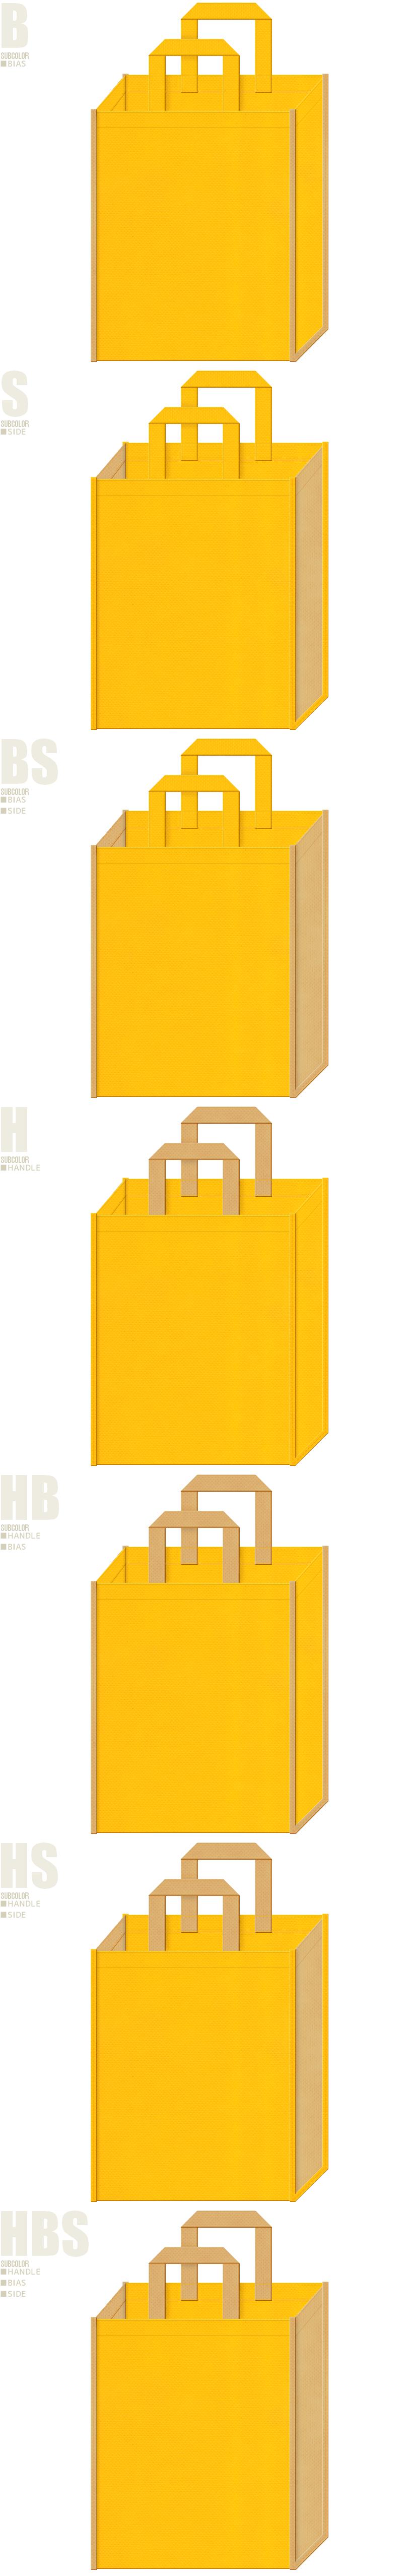 スイーツ・日曜大工・木工・DIYイベントにお奨めの不織布バッグデザイン:黄色と薄黄土色の配色7パターン